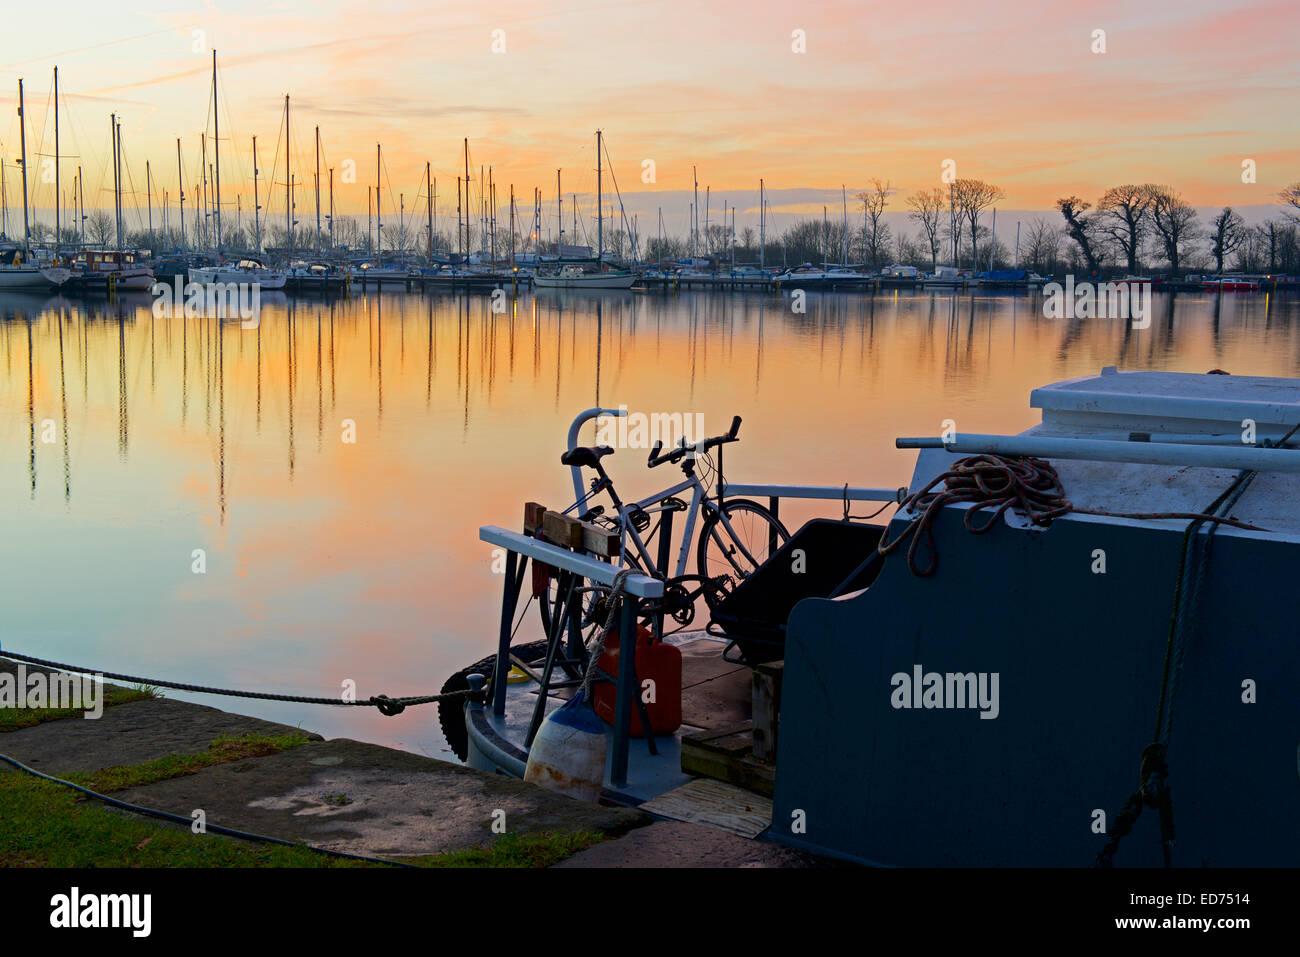 Bike on narrowboat, Glasson Dock, near Lancaster, Lancashire, England UK - Stock Image